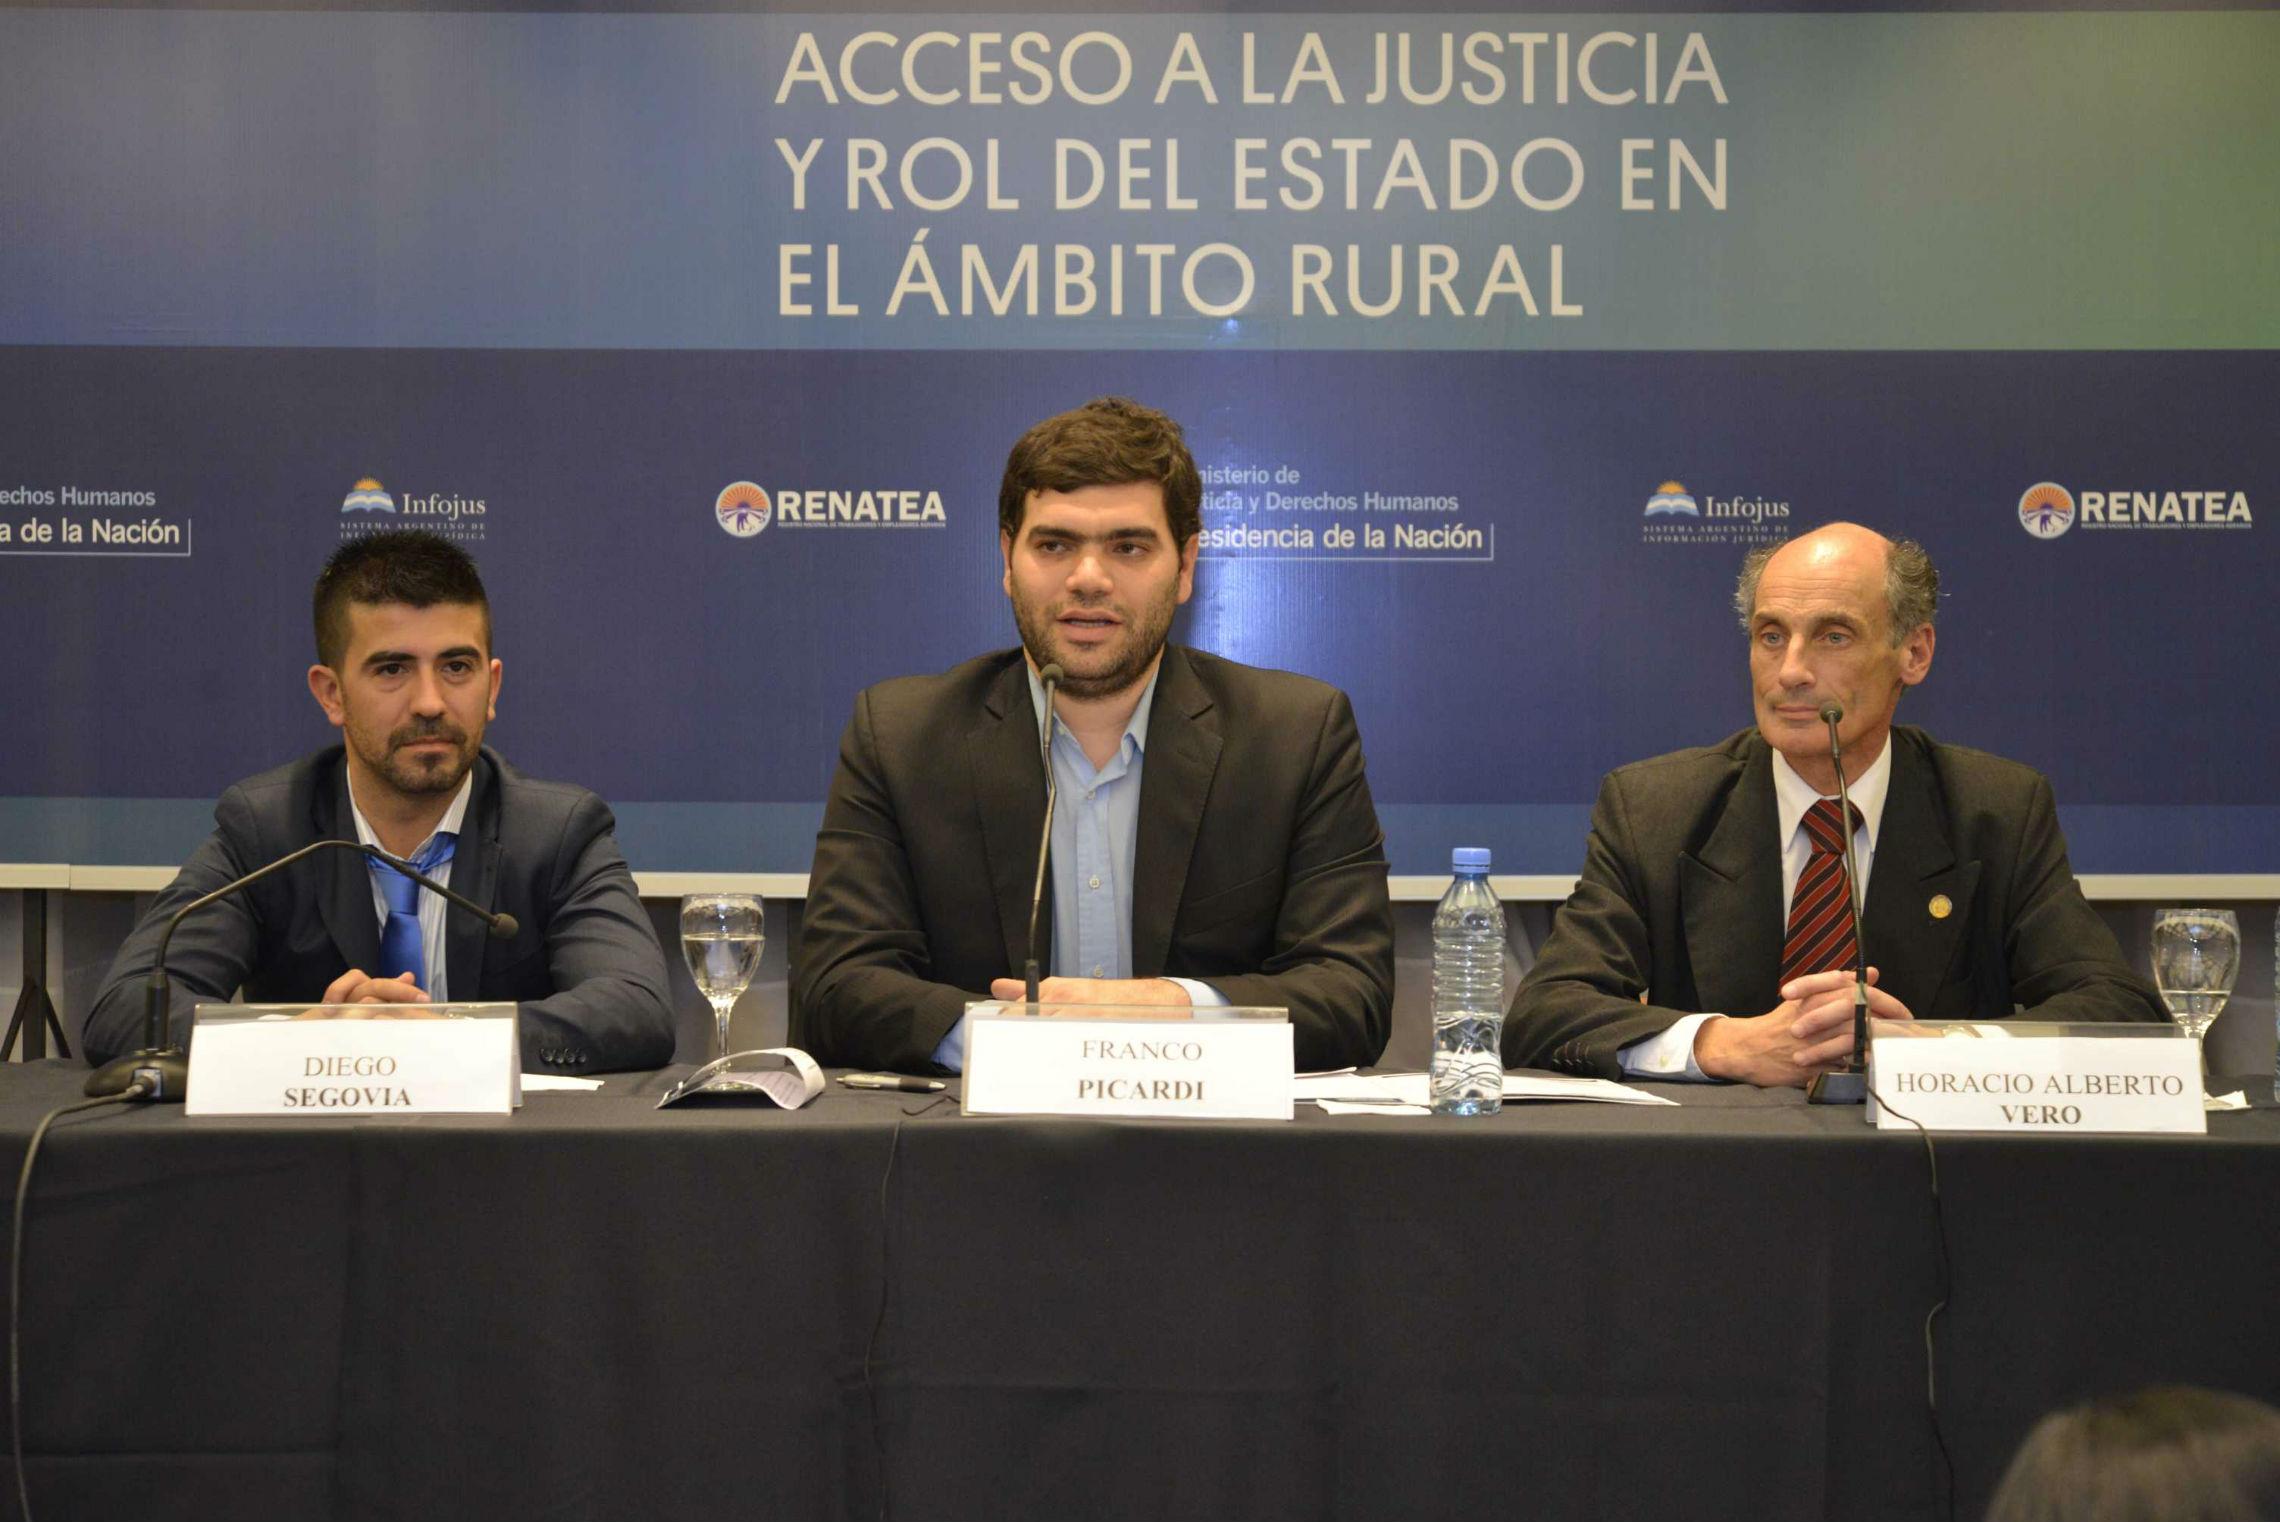 """Franco Picardi: """"El acceso a la justicia es un eje central de nuestra gestión"""""""